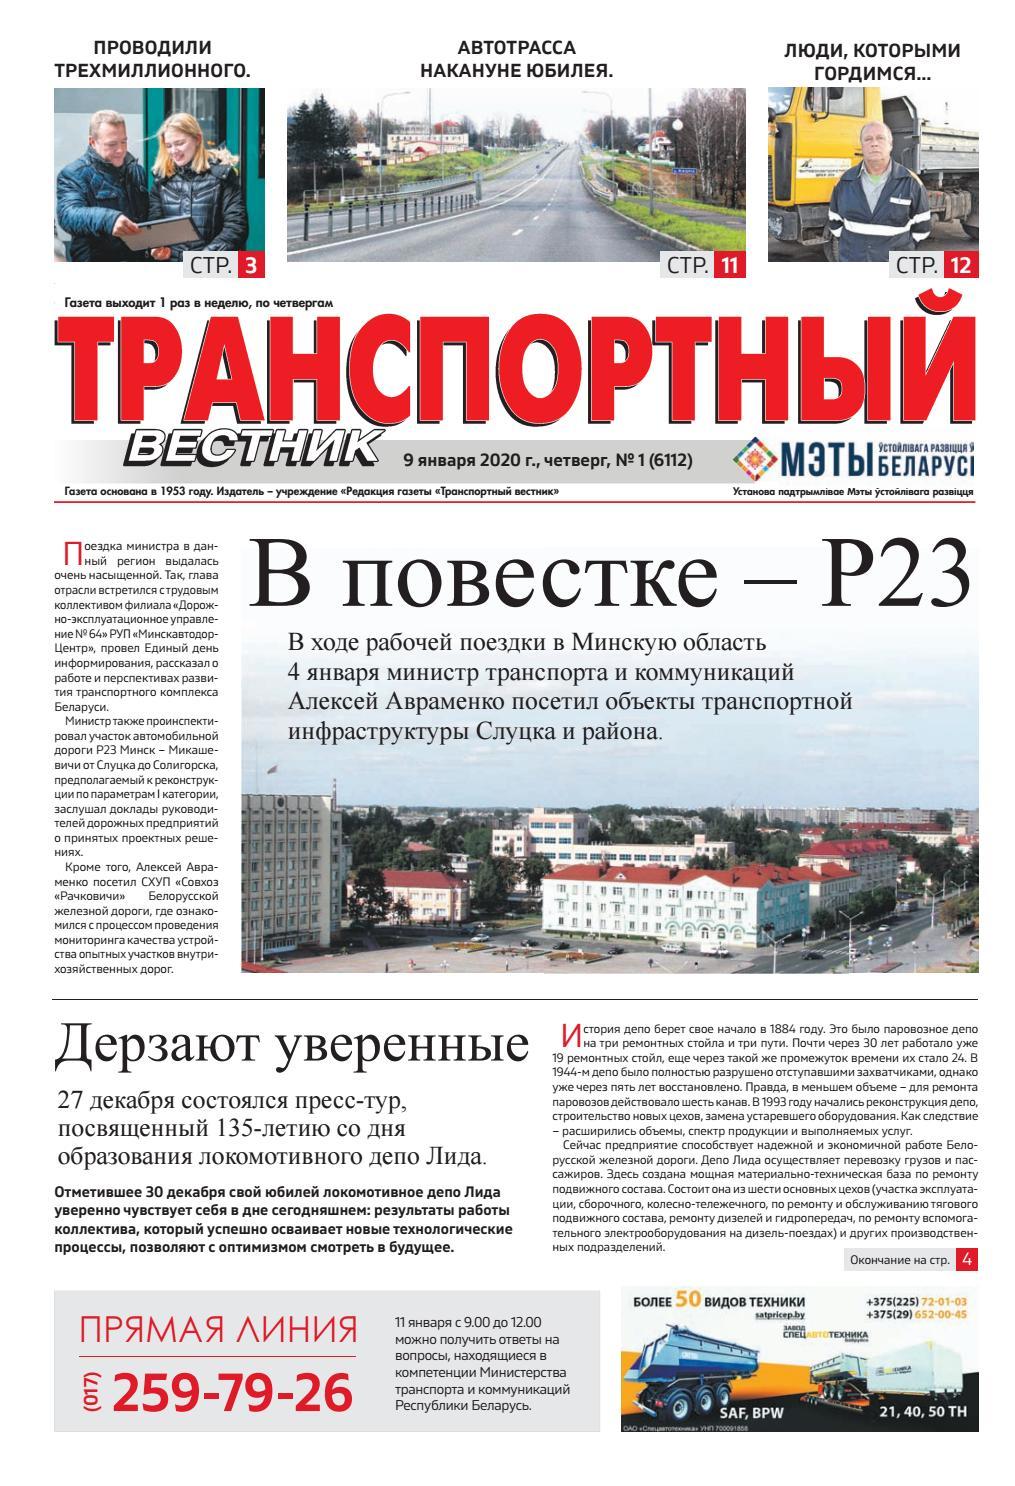 4 фото 1 слово ответы 8 букв - Stevsky.ru - обзоры смартфонов ... | 1486x1015